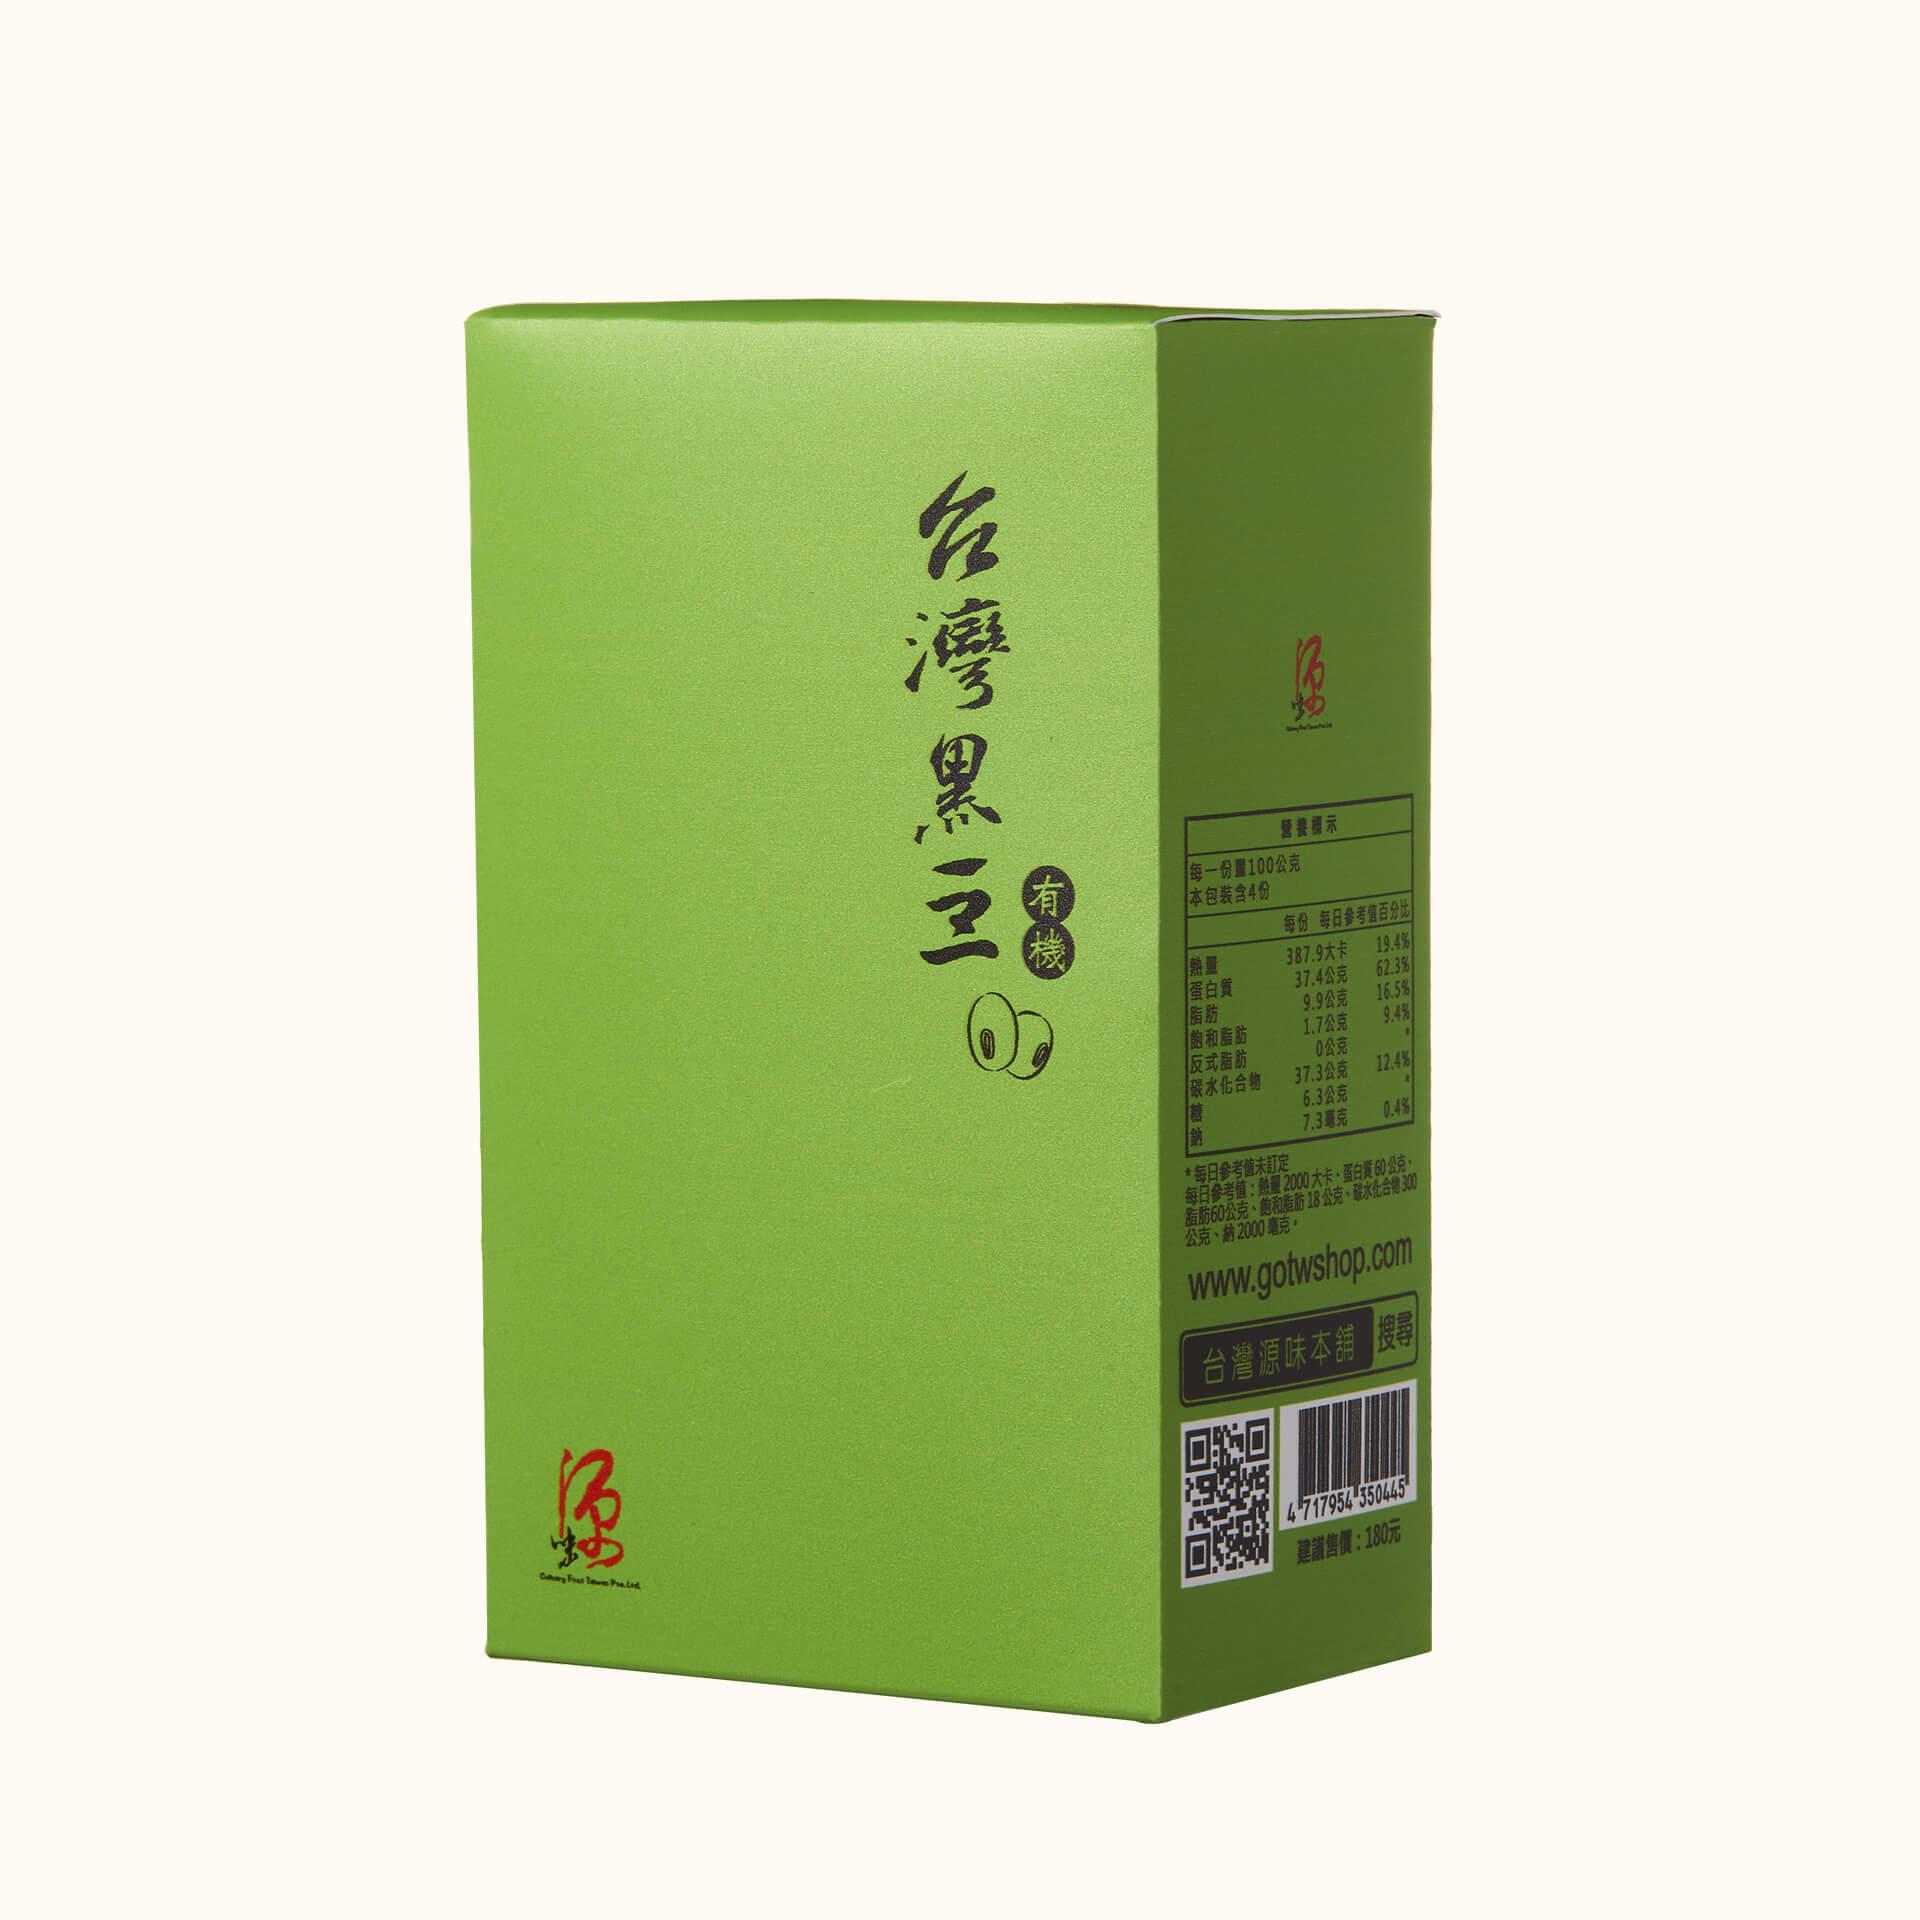 台灣黑豆400g